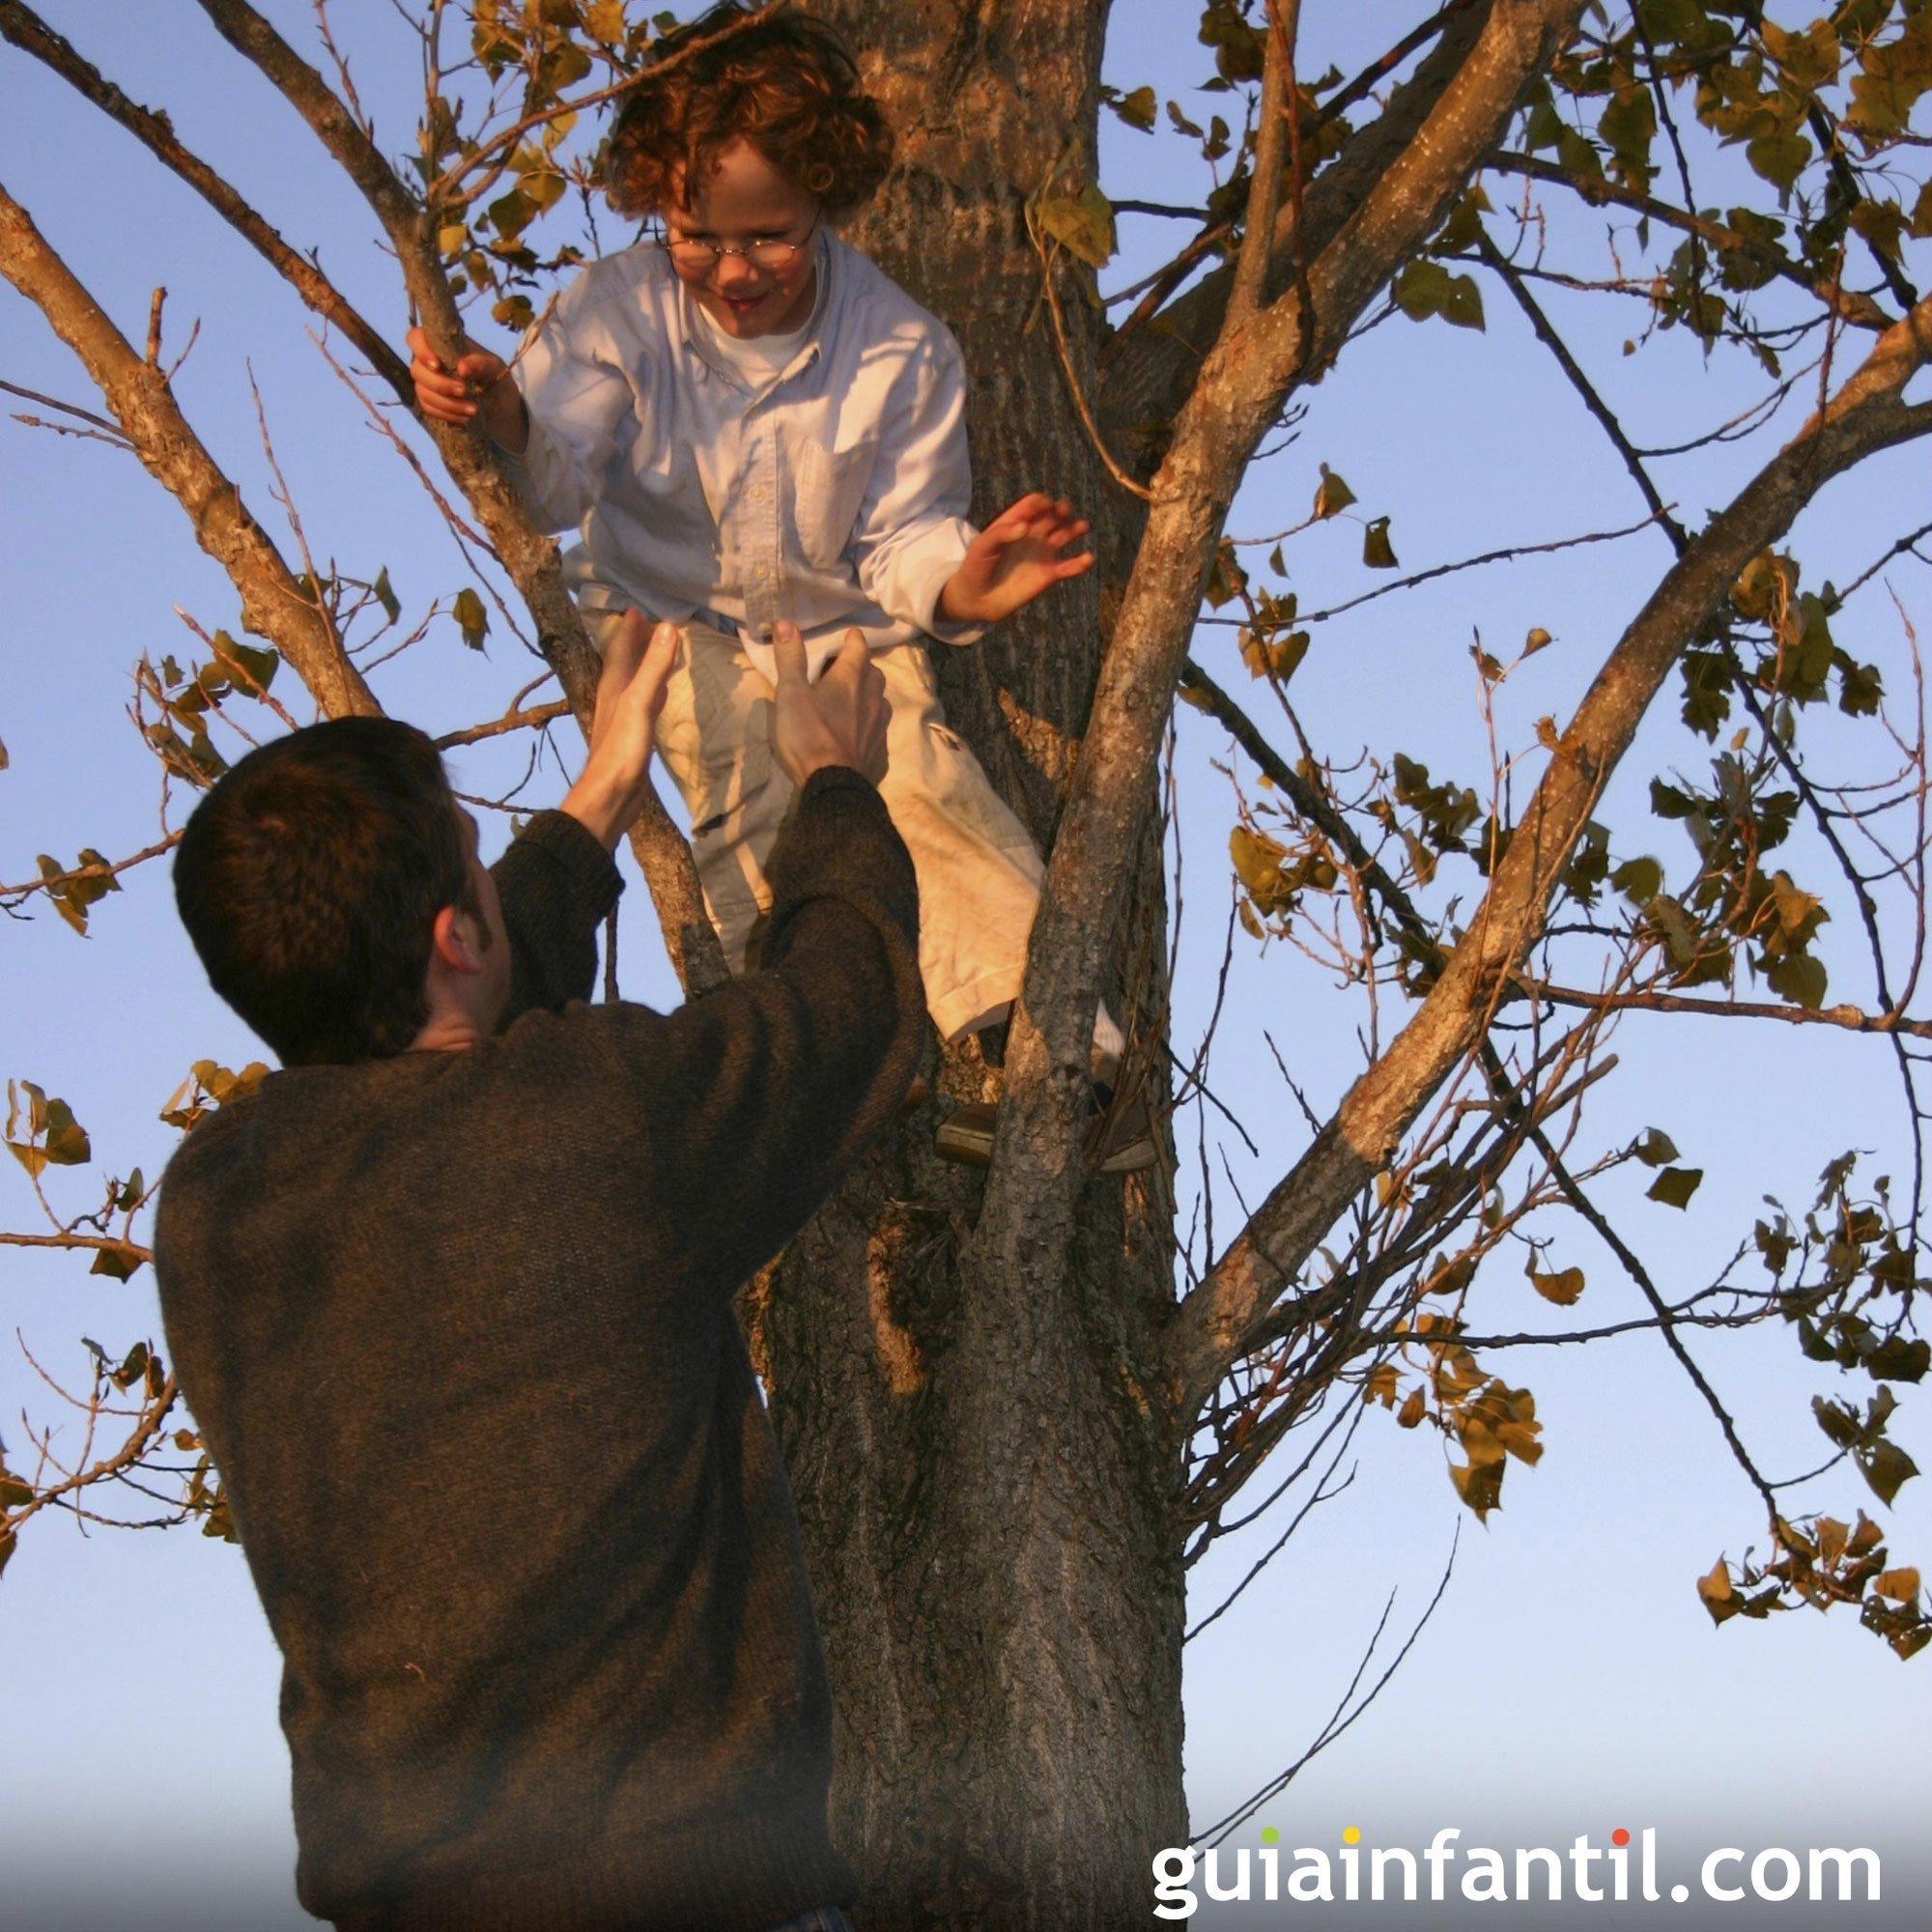 Jugar a trepar a los árboles con papá